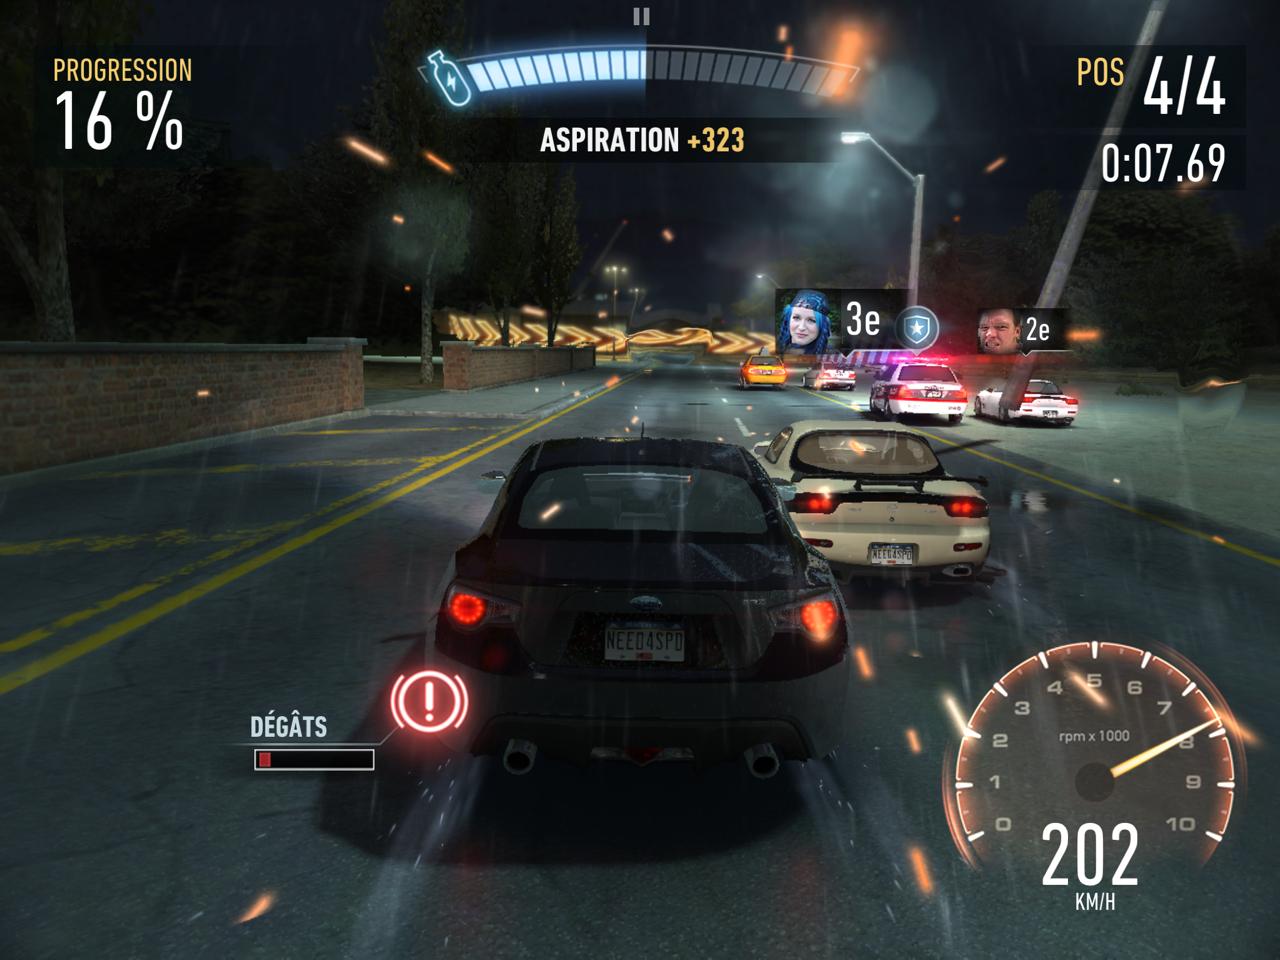 6 Jeux De Course Gratuits Pour Iphone, Ipad, Android Et à Jeu De Voiture De Police Gratuit